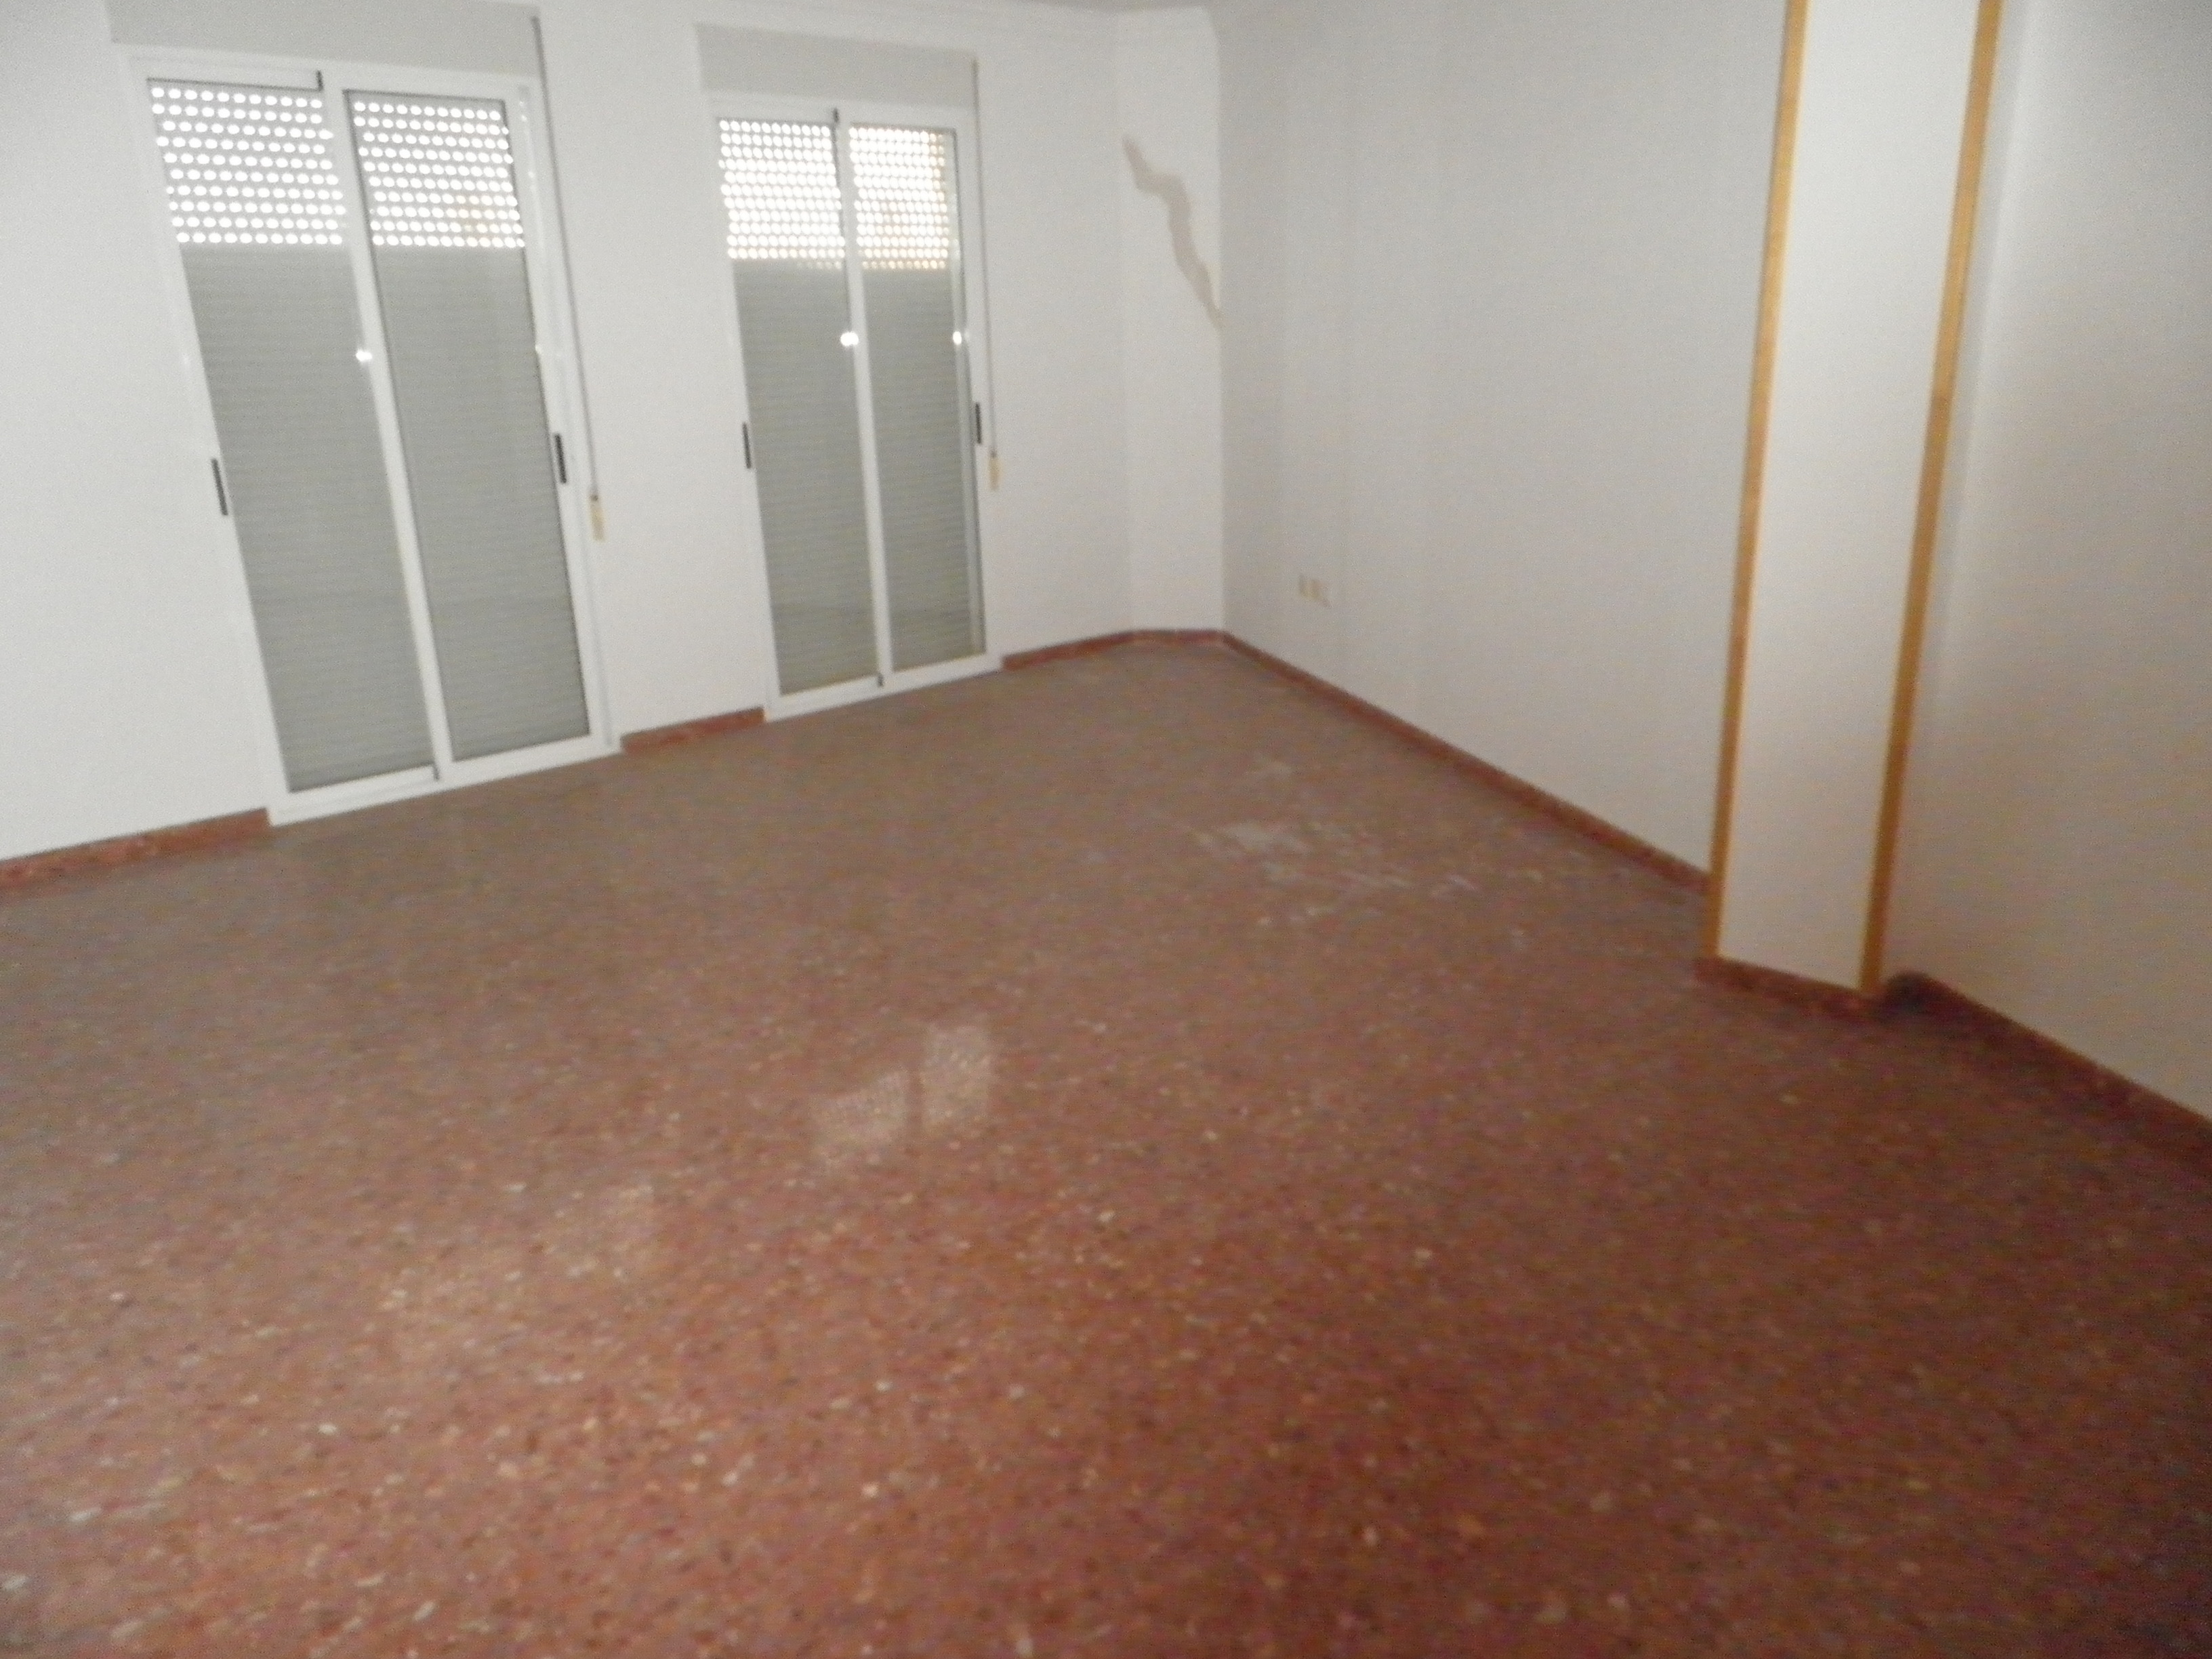 Piso nuevo inmobiliaria llagaria inmuebles en venta y for Piso nuevo valencia